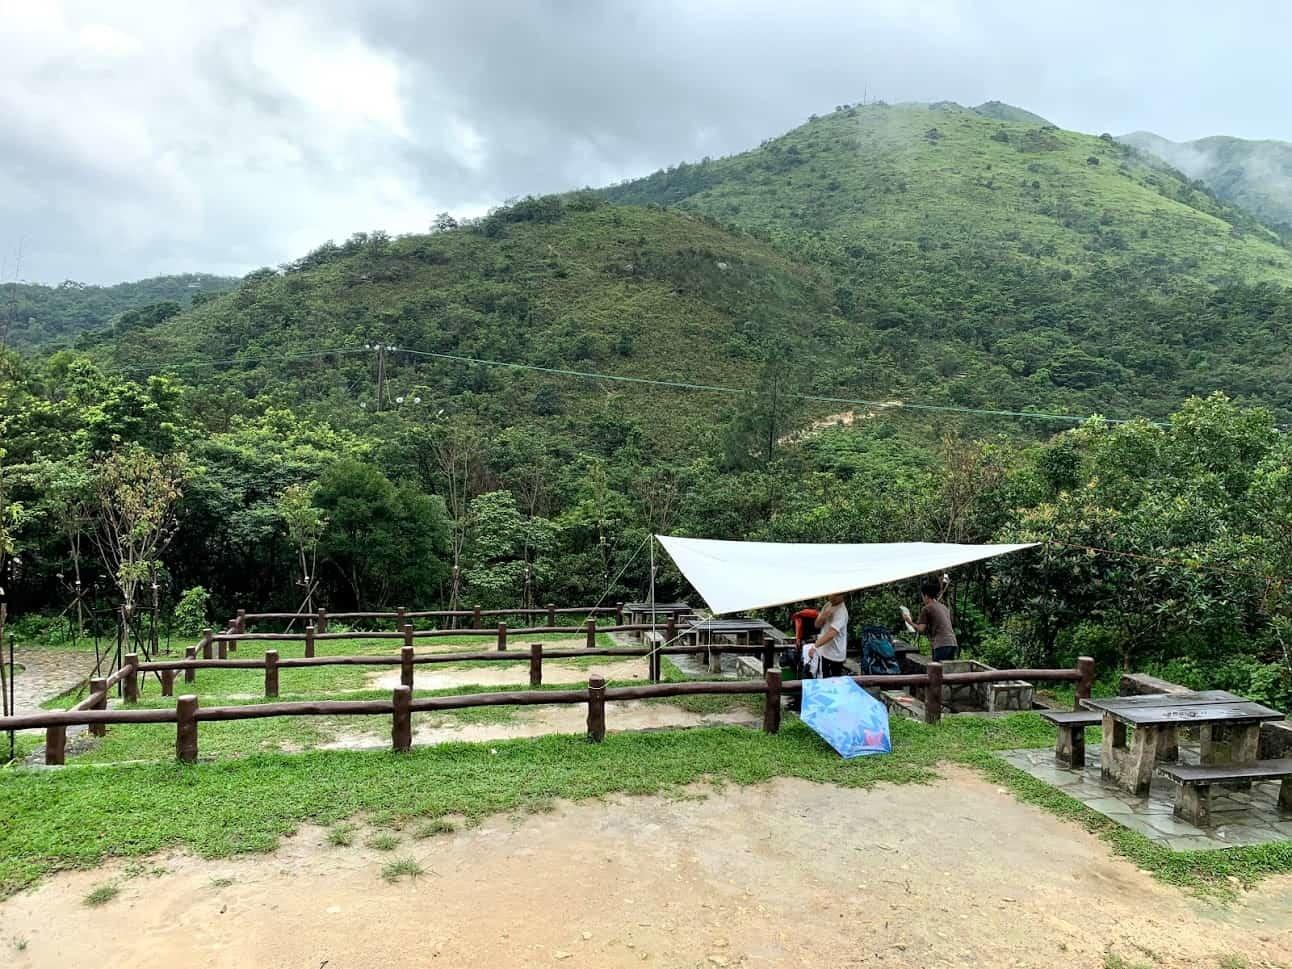 昂坪營地|【露營懶人包】香港Camping熱點好去處|新手必讀攻略|Kama Delivery野餐到會外賣速遞服務